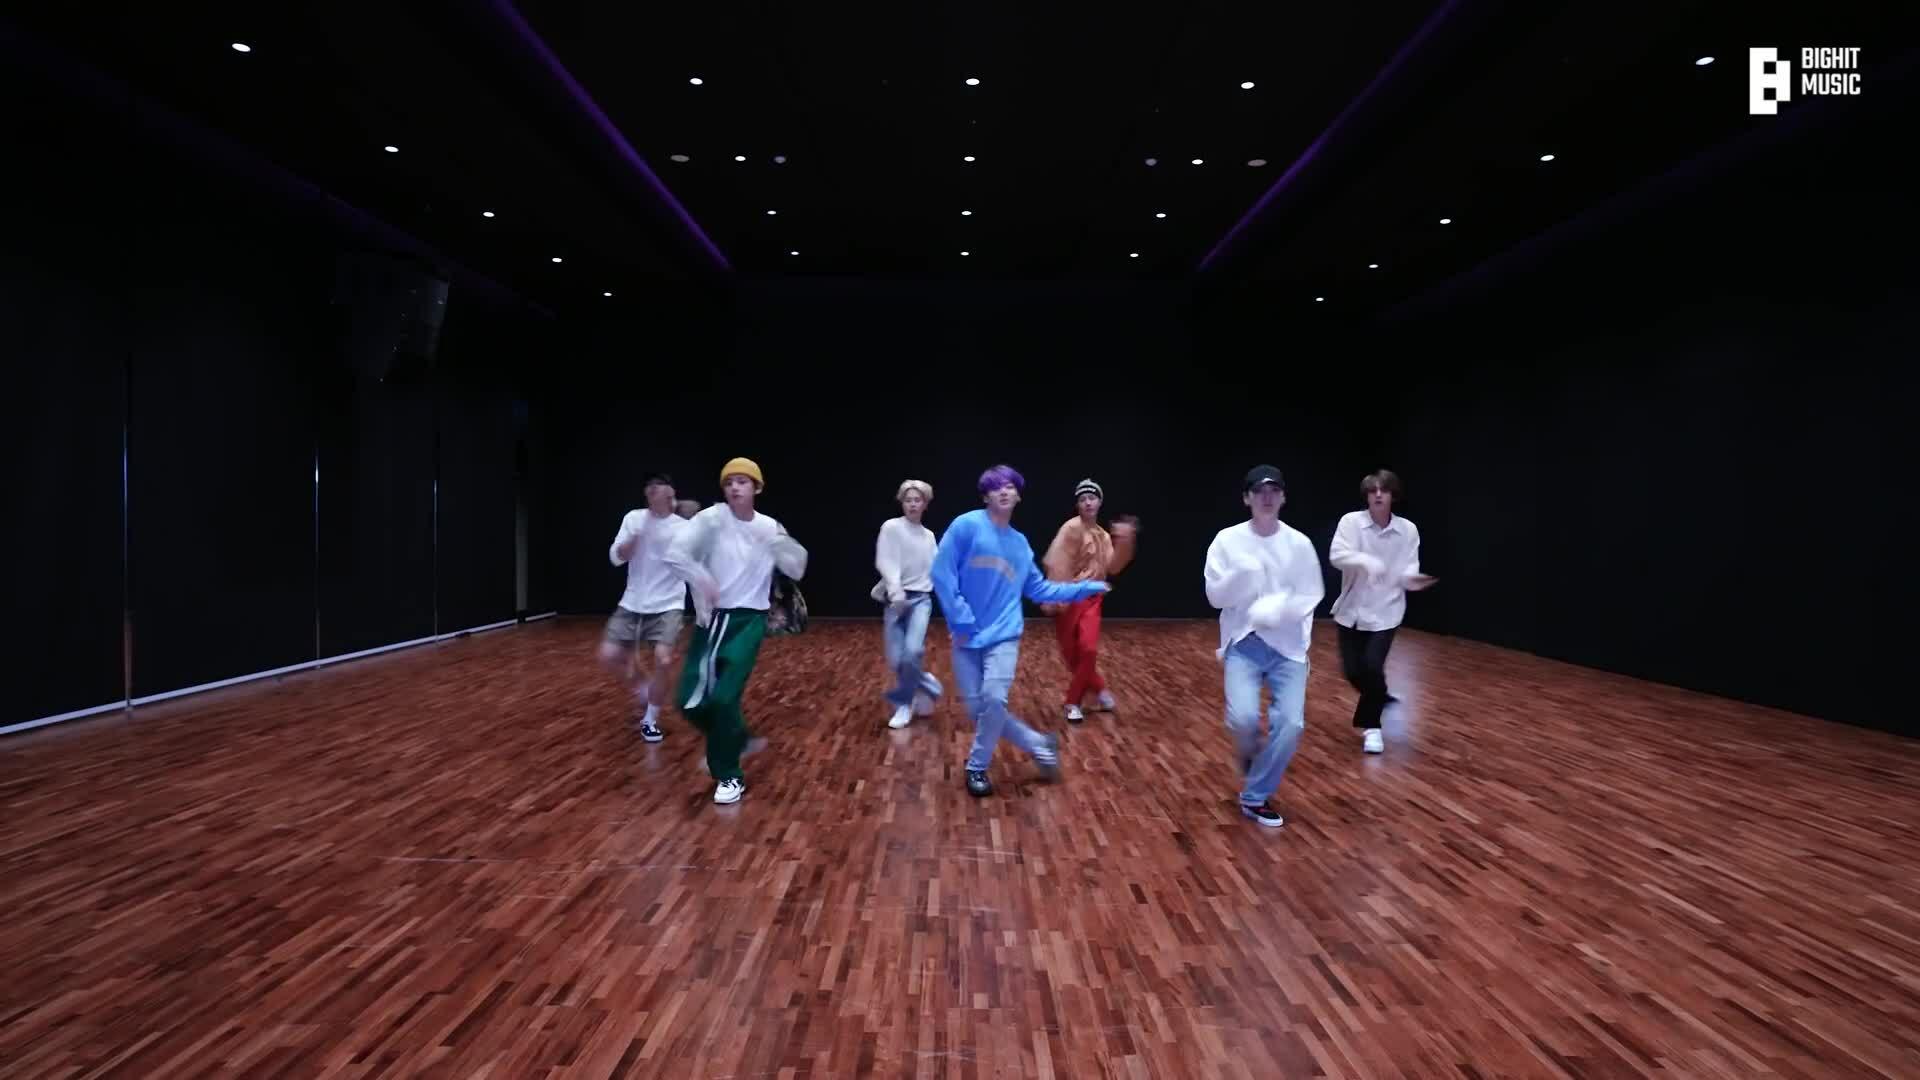 Video vũ đạo của BTS hút hơn 10 triệu views chỉ sau vài giờ đăng tải